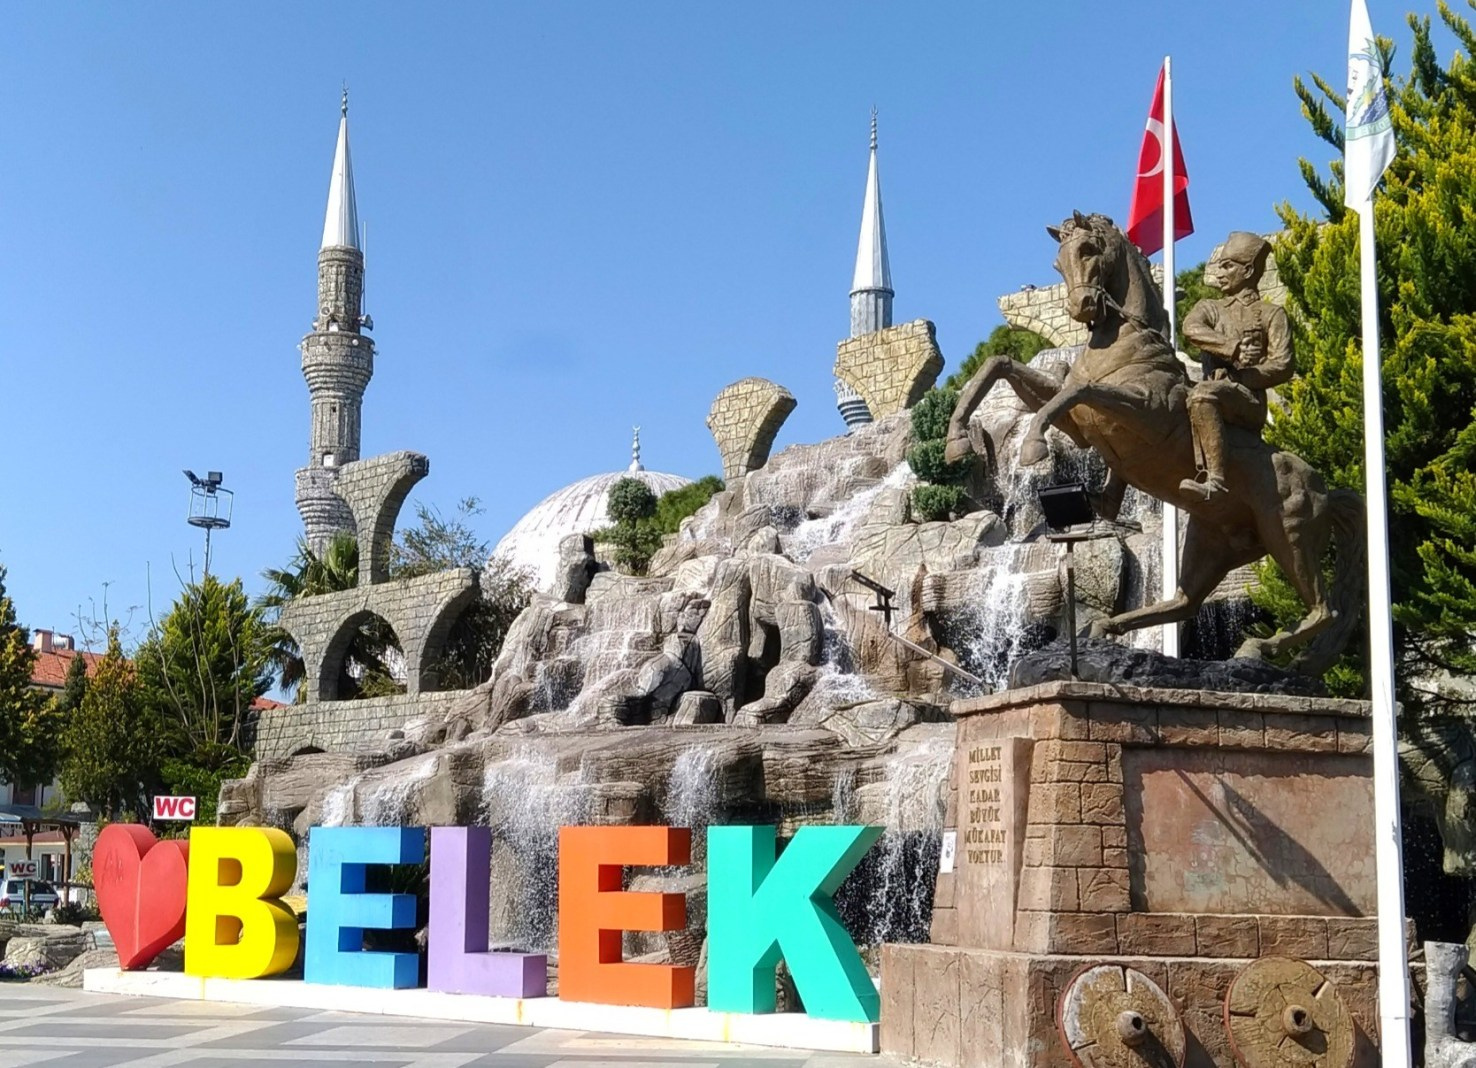 What is Belek?